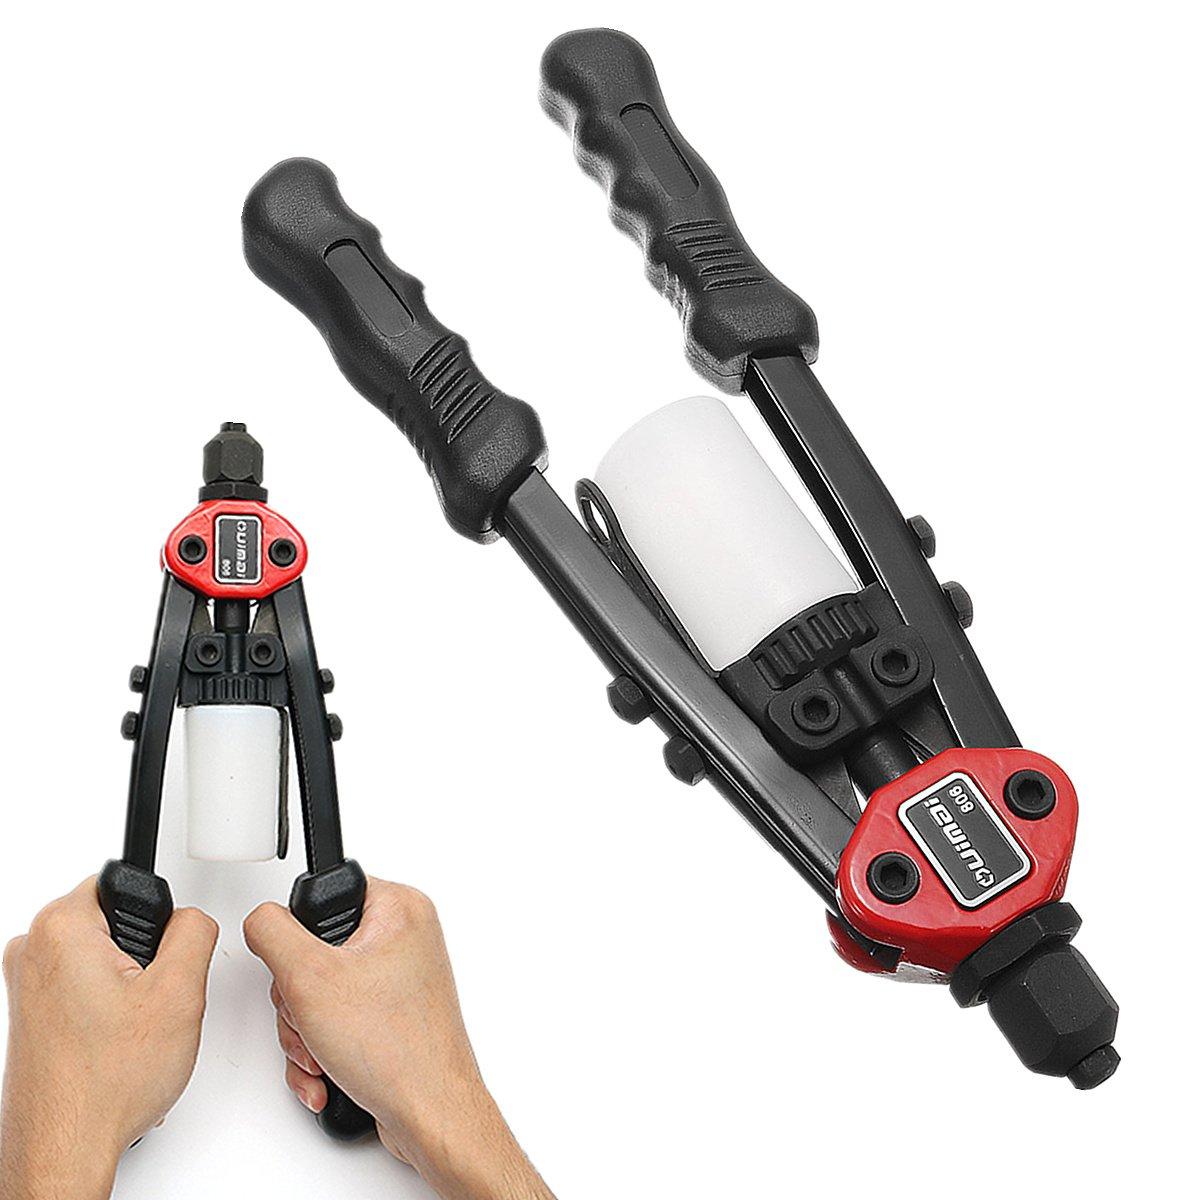 OlogyMart 11inch Pop Double Hand Riveter Gun Pneumatic Tool Rivet Size 3.2/4.0/5.0/6.0/6.2mm